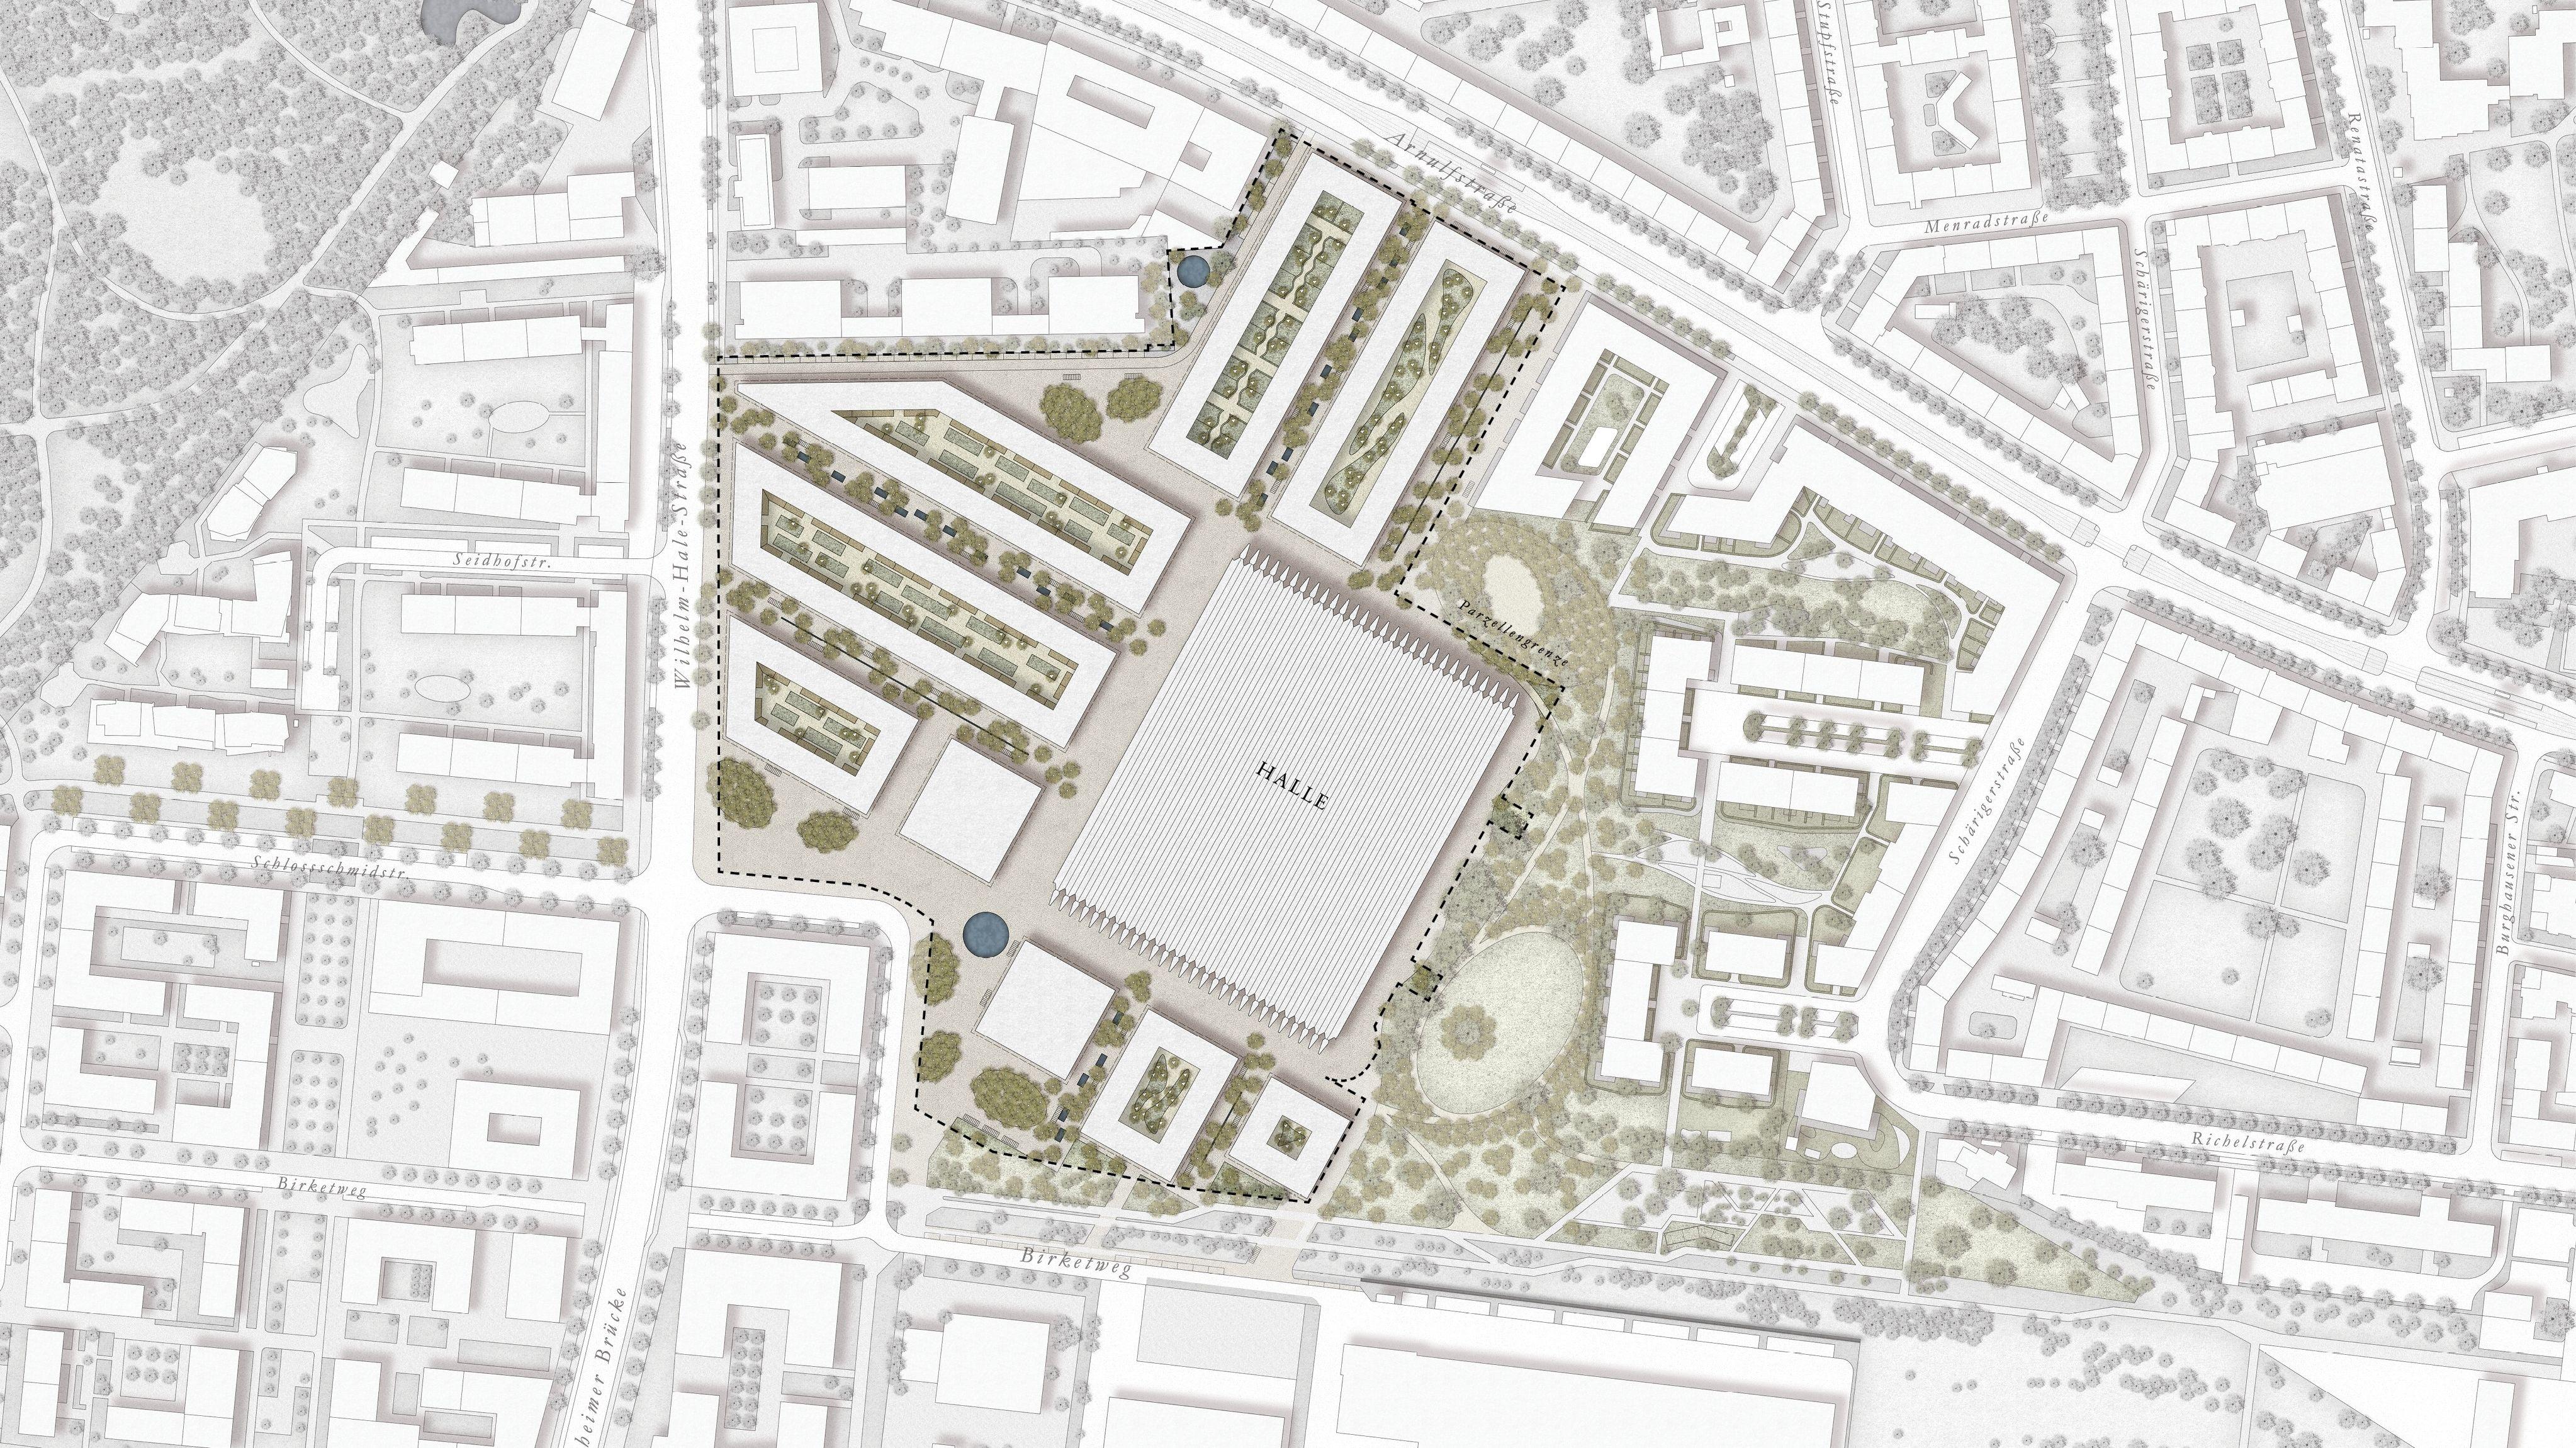 Plan des Areals von oben.